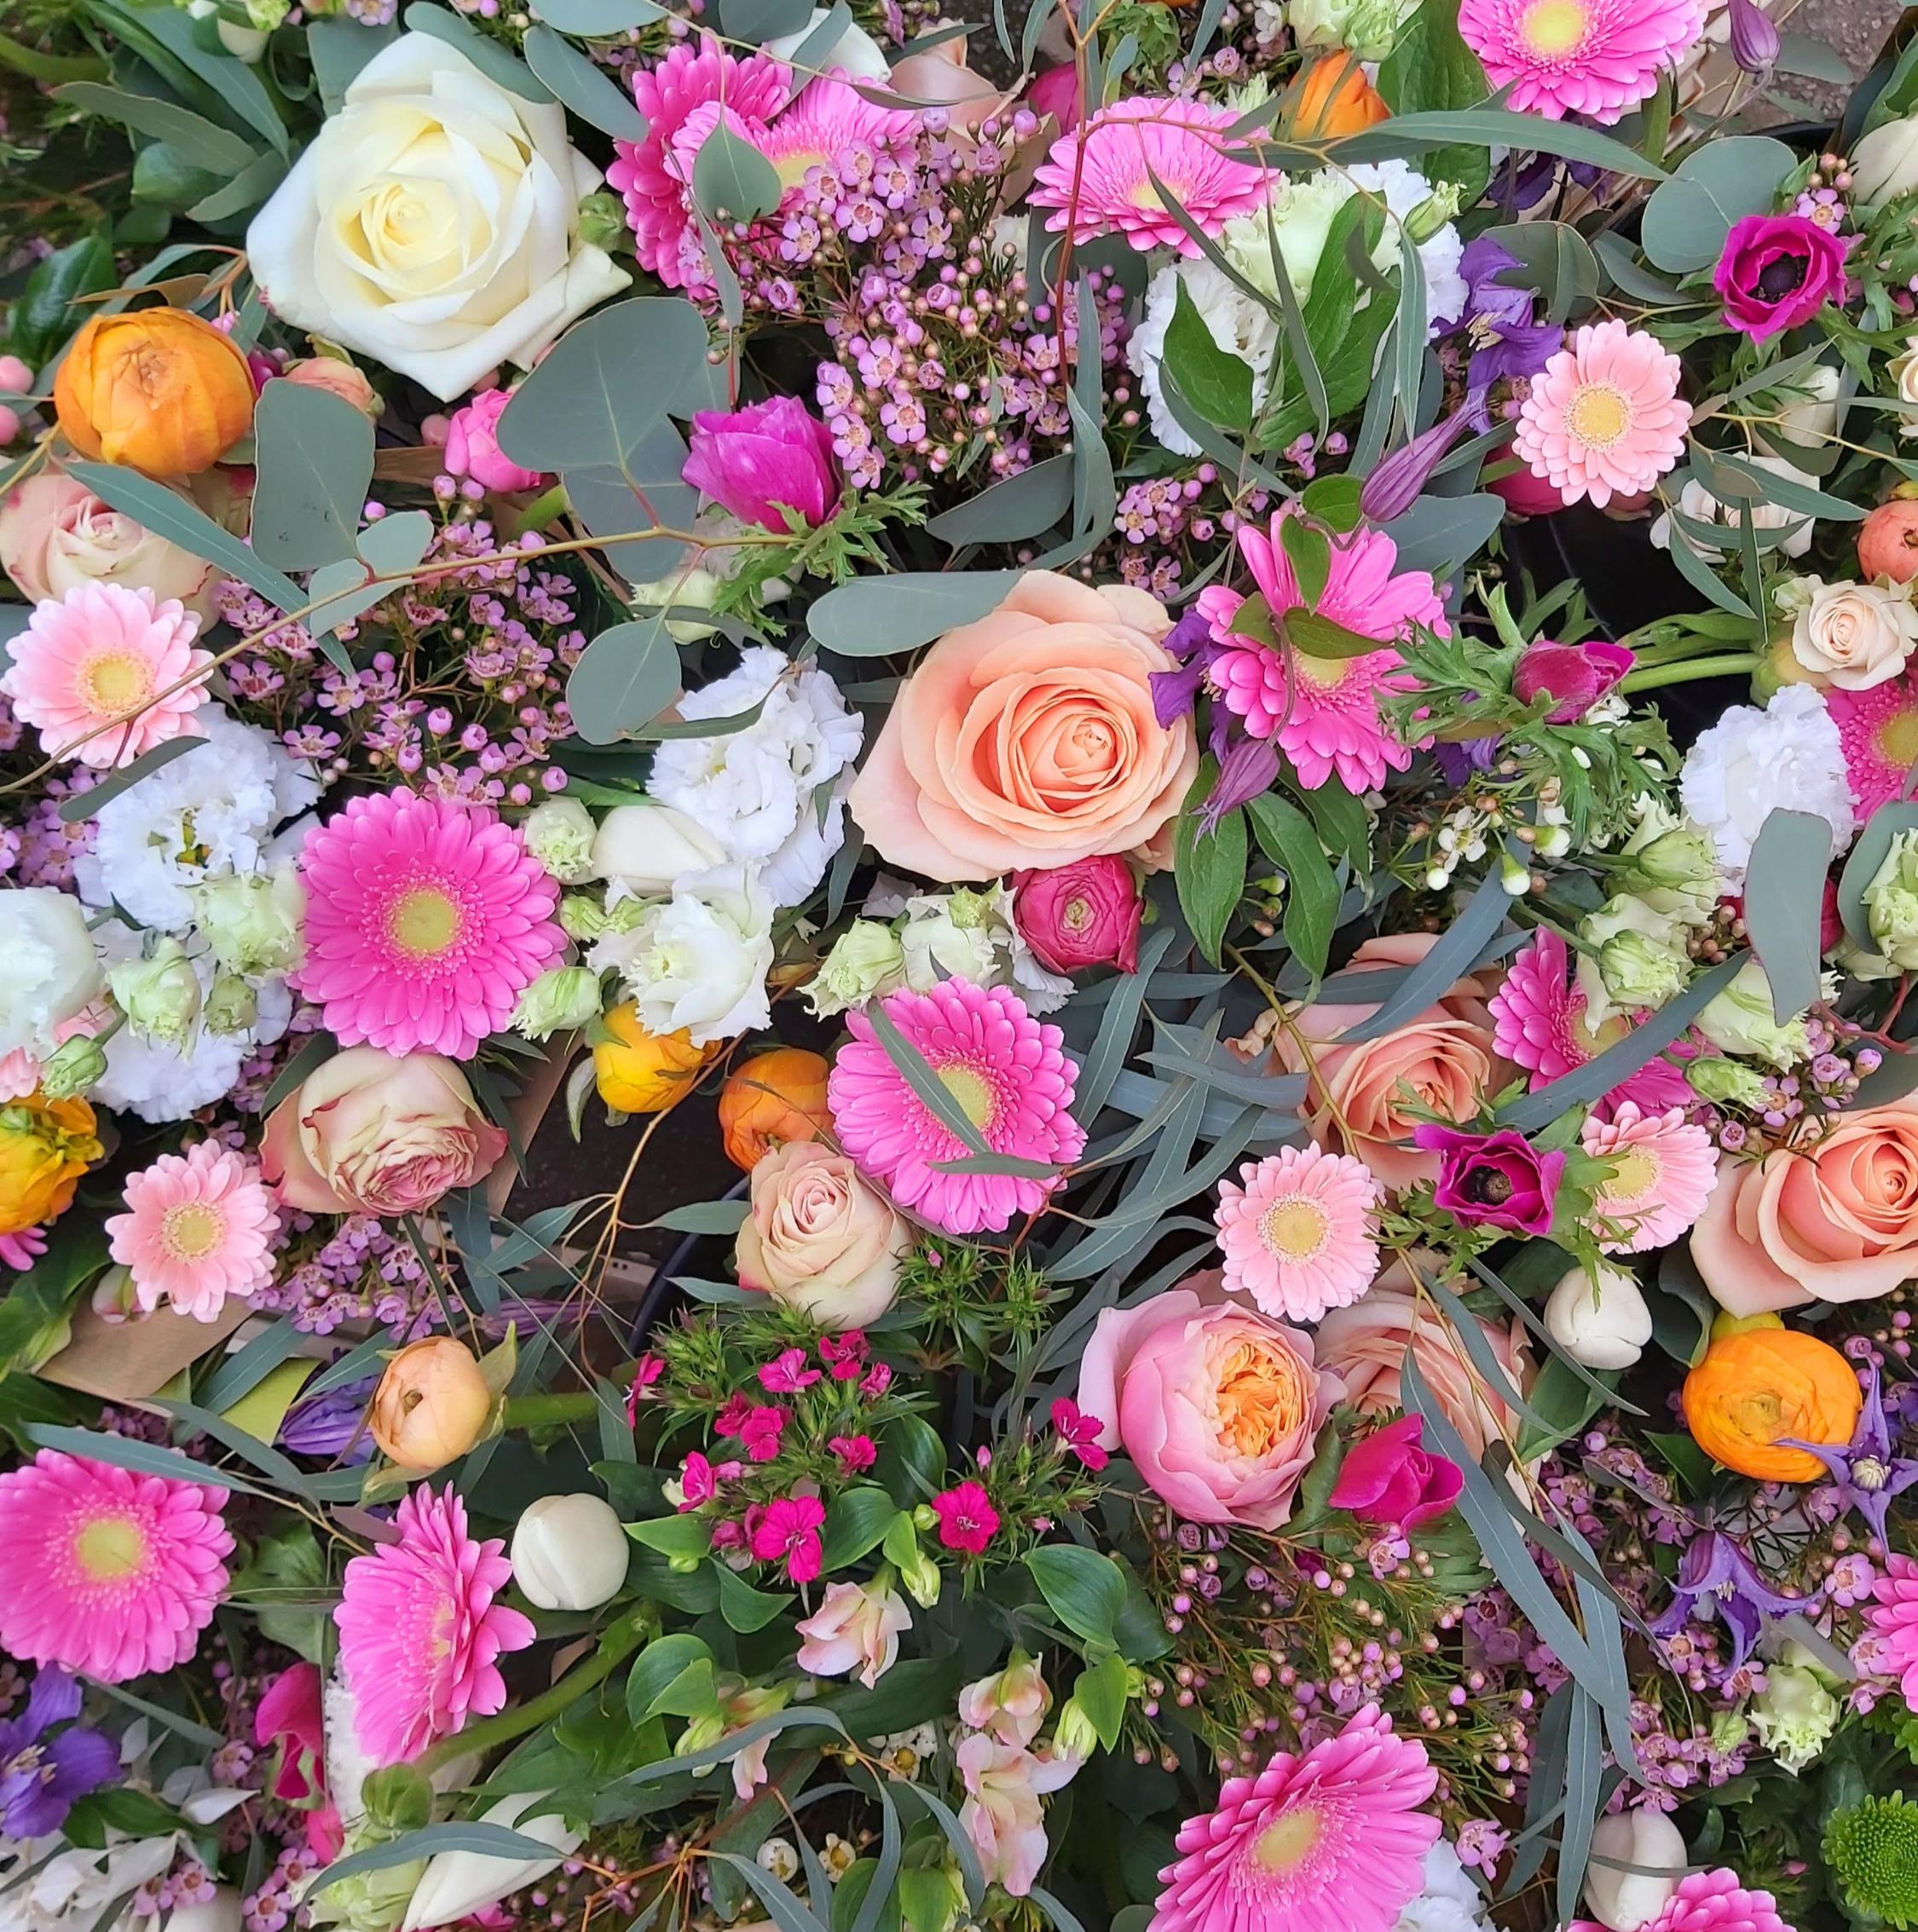 Seasonal Bouquet in a gift bag